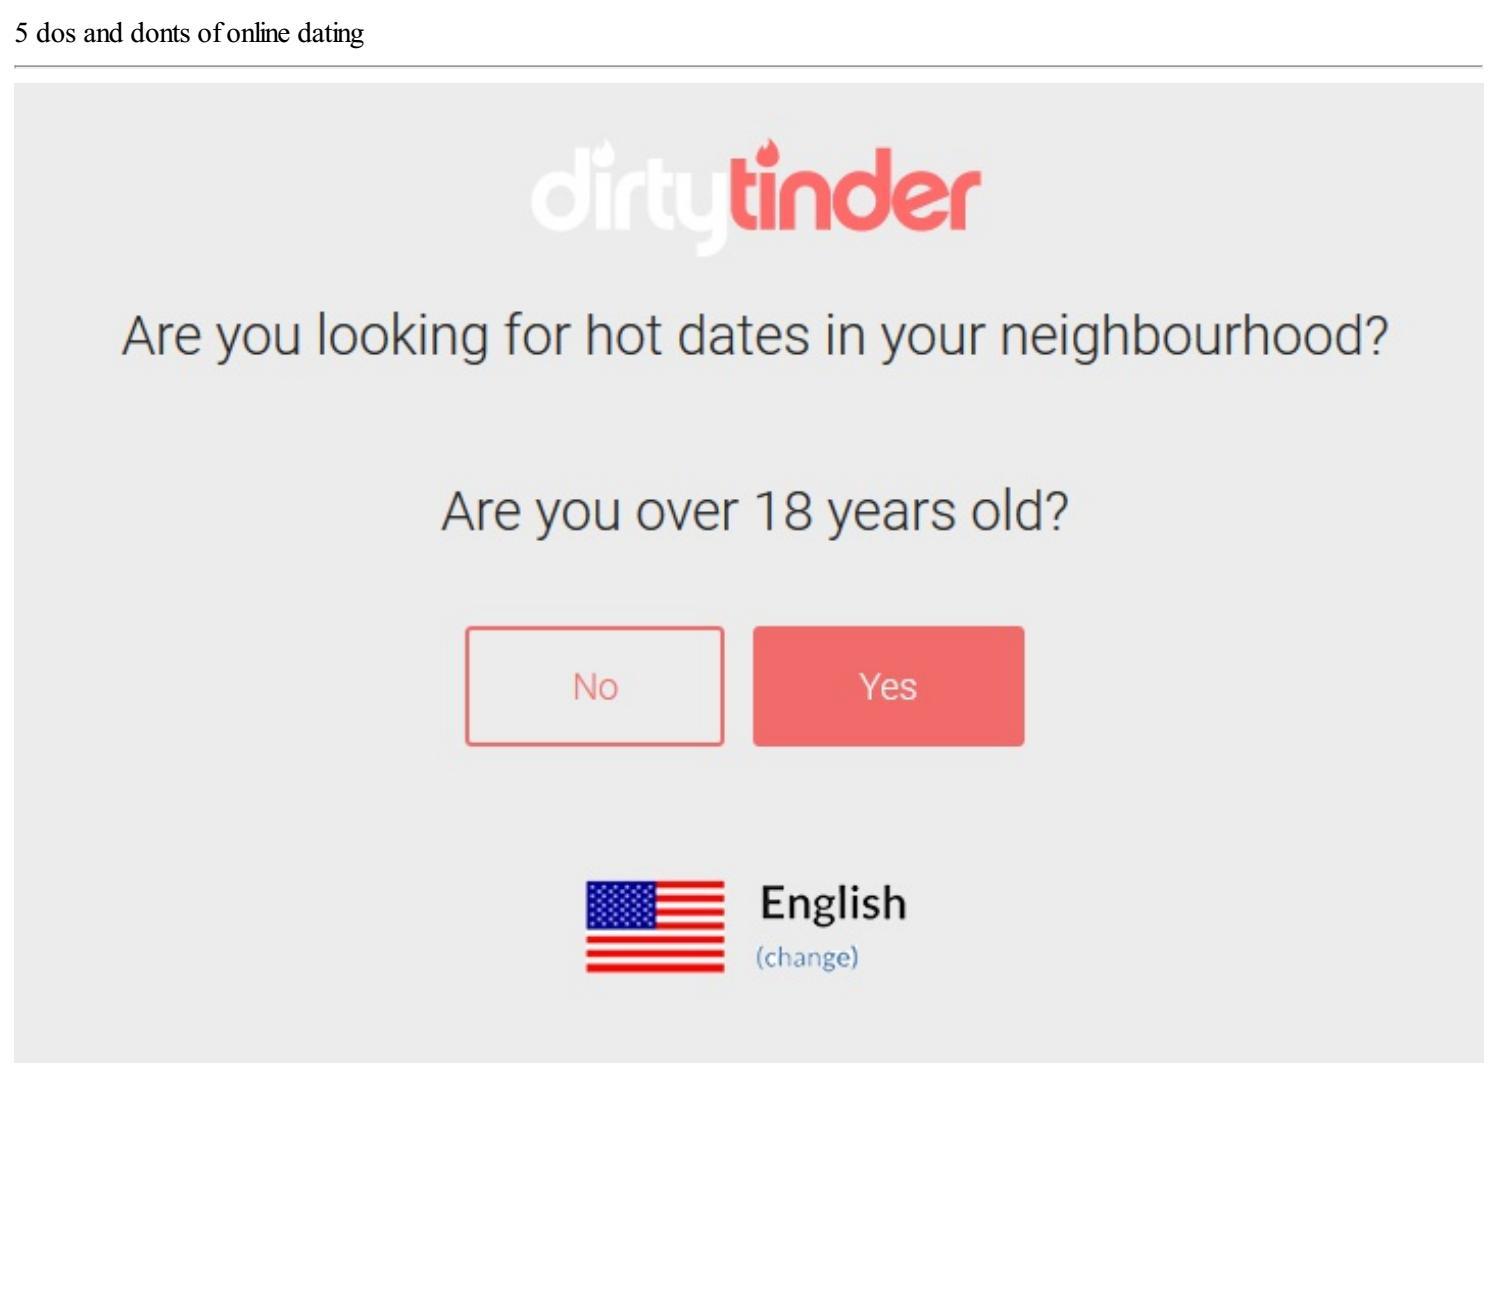 de doen en donts van online dating zwarte stedelijke dating sites